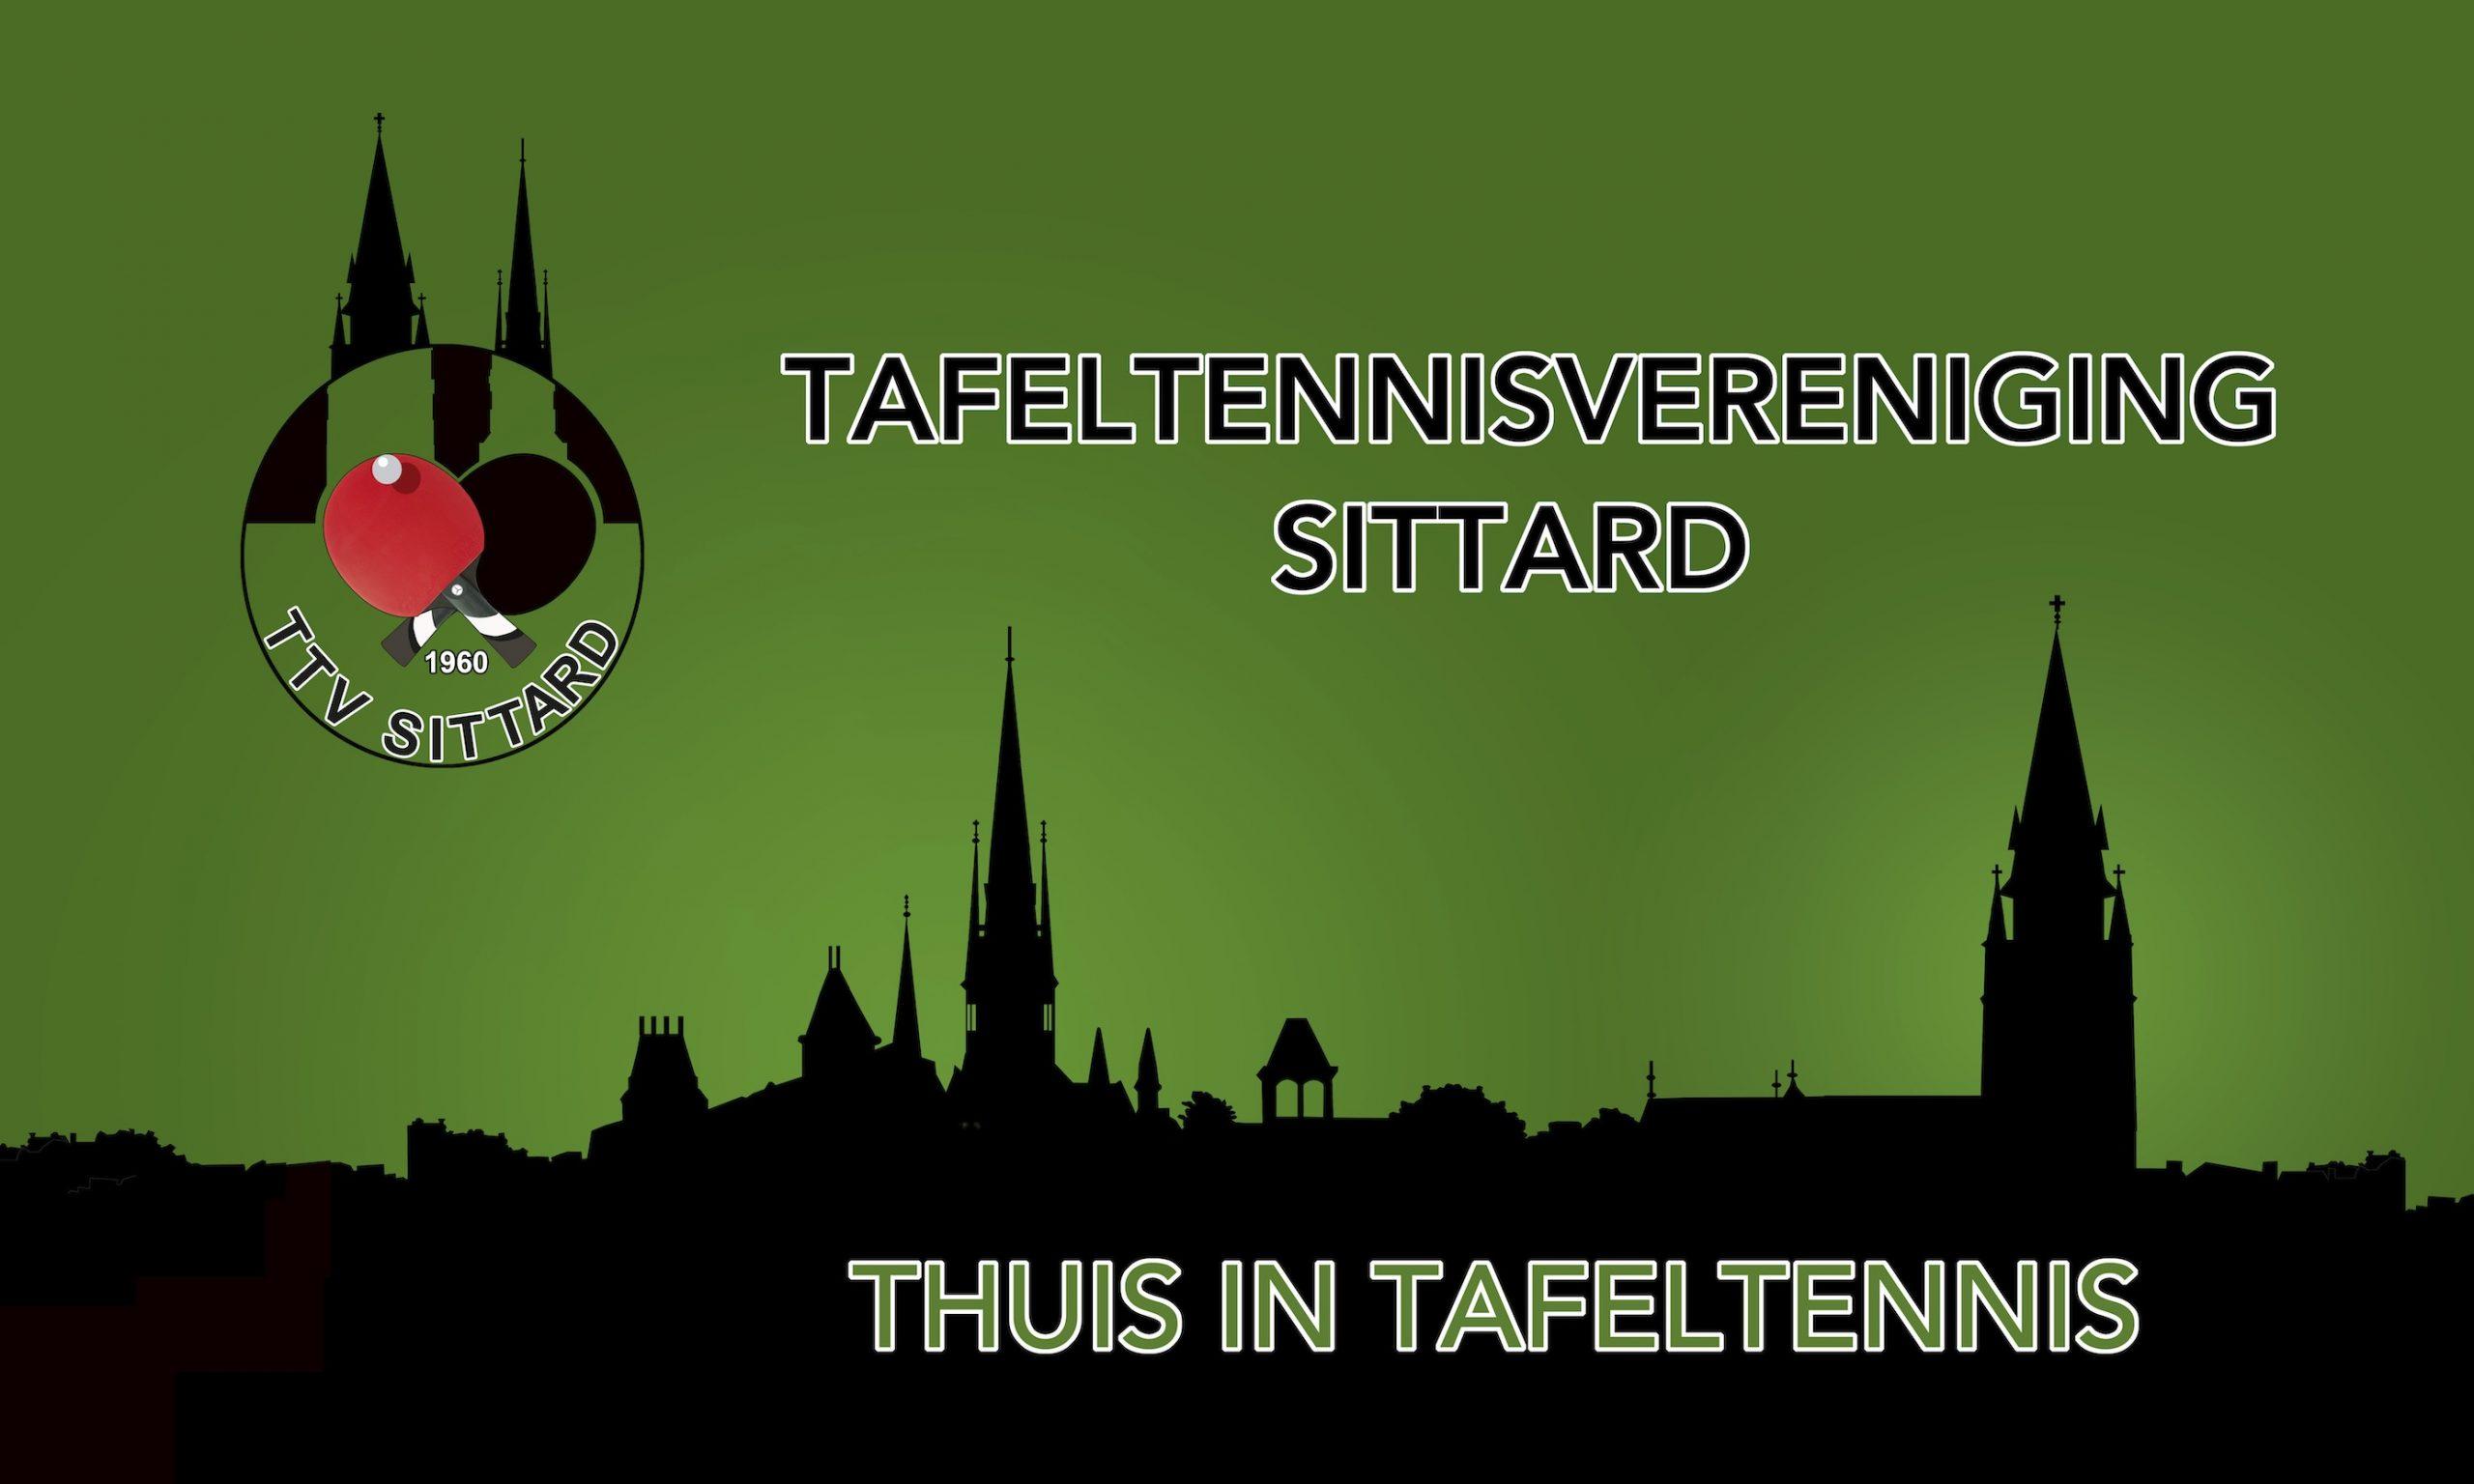 TTV Sittard